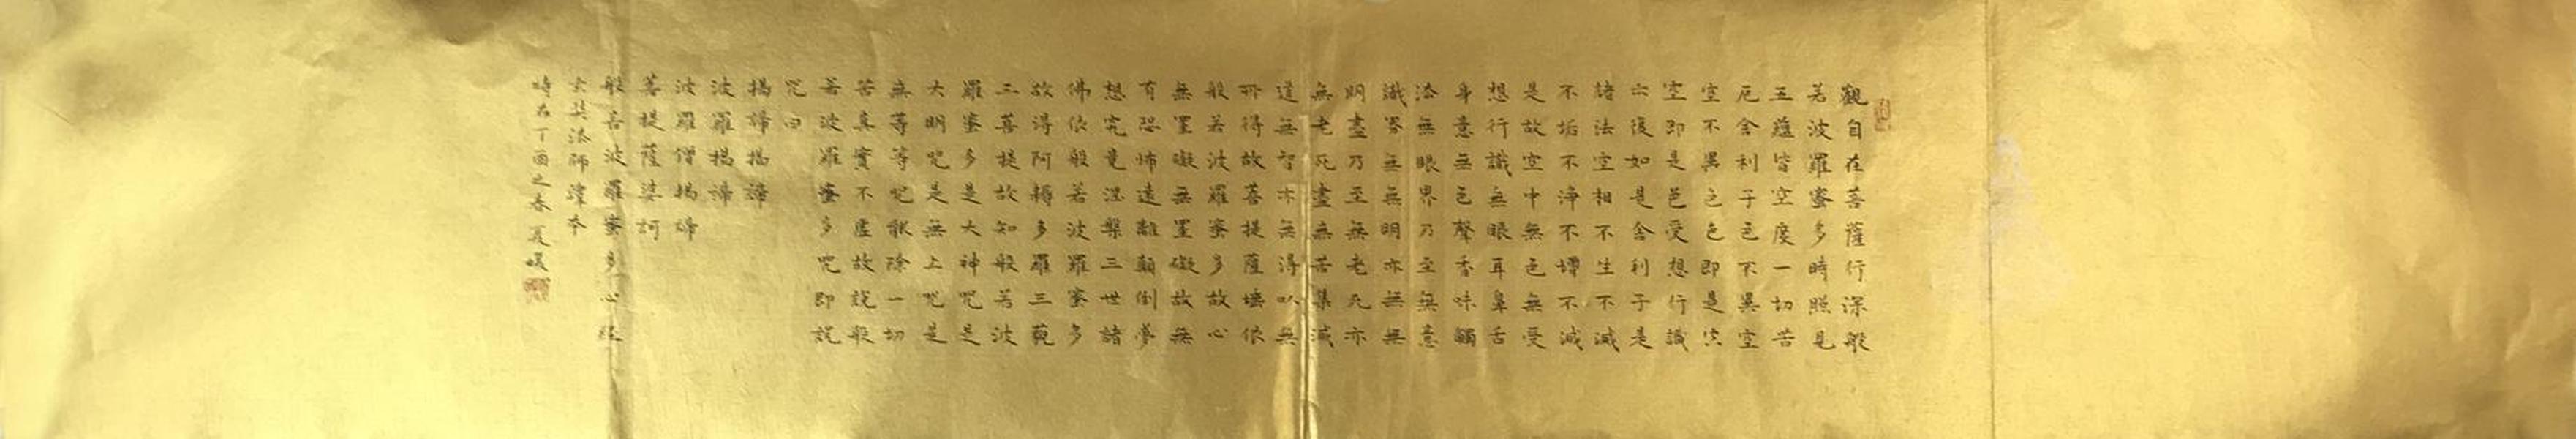 ☀【作品来自书画家本人】中国人民大学艺术学院助理导师、美协会员、书协会员夏媛 书法小楷《心经》(130×23cm)17。